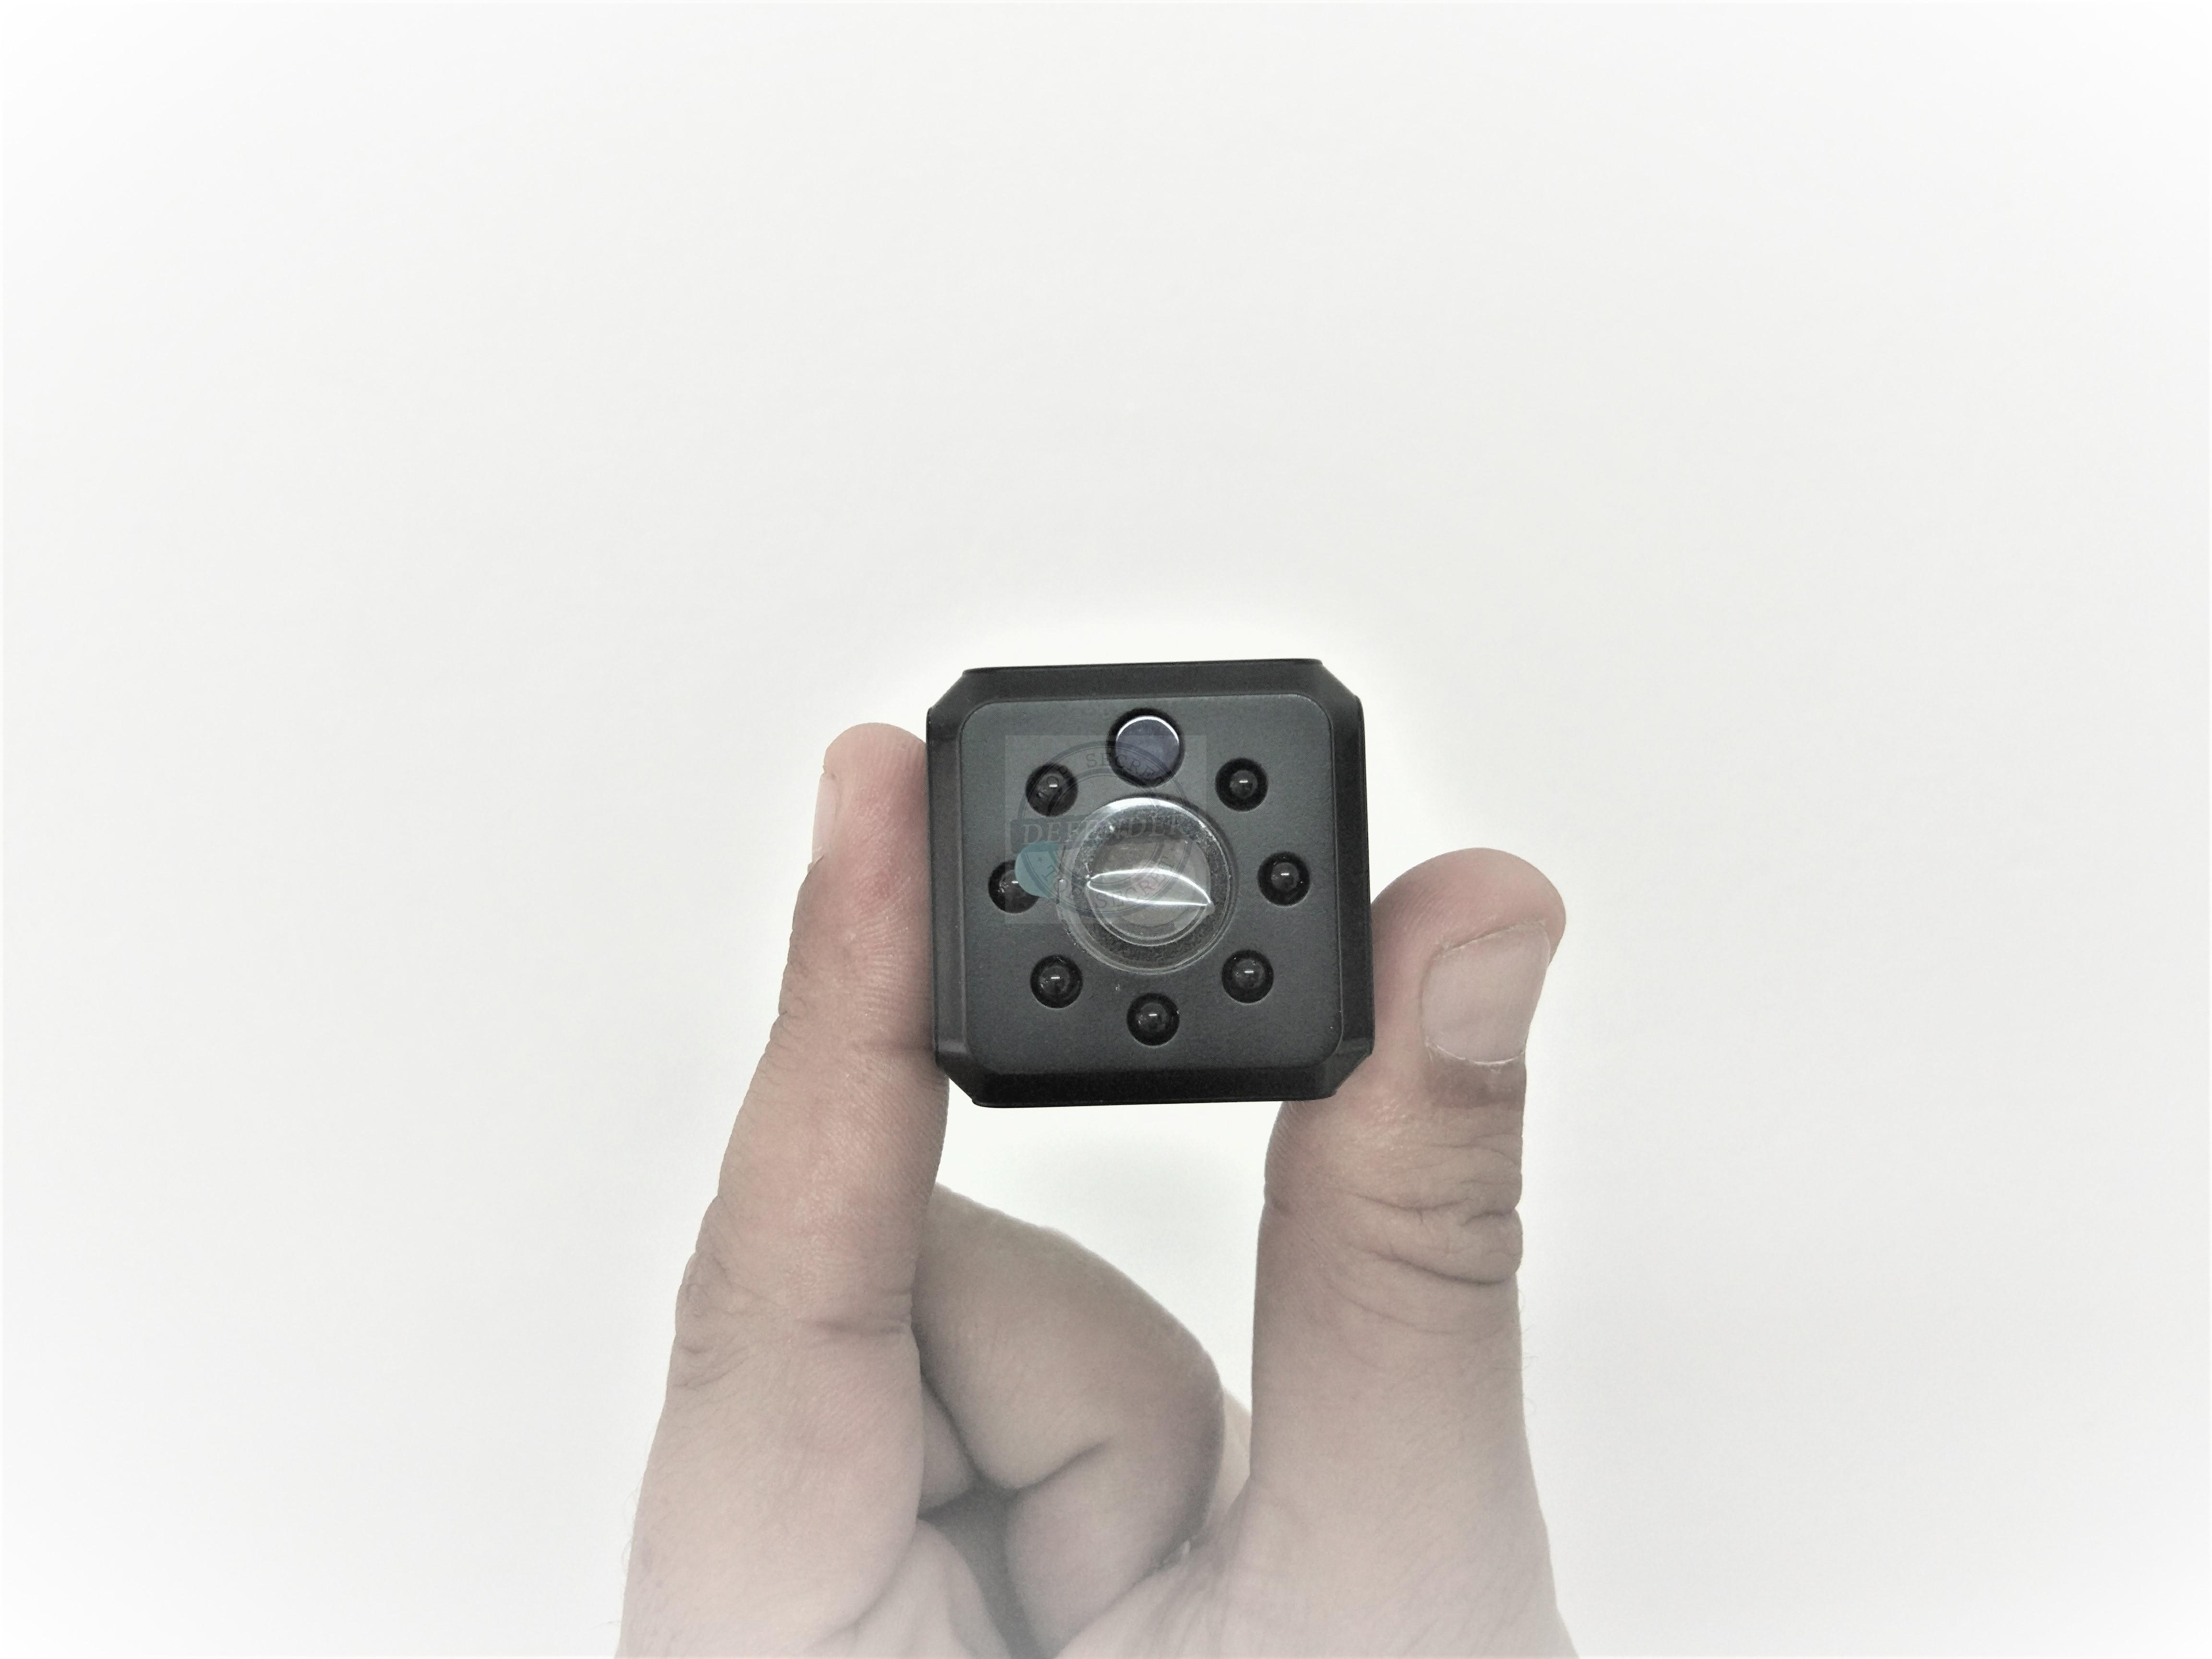 מצלמה נסתרת זעירה עם ראיית לילה סמויה RS877